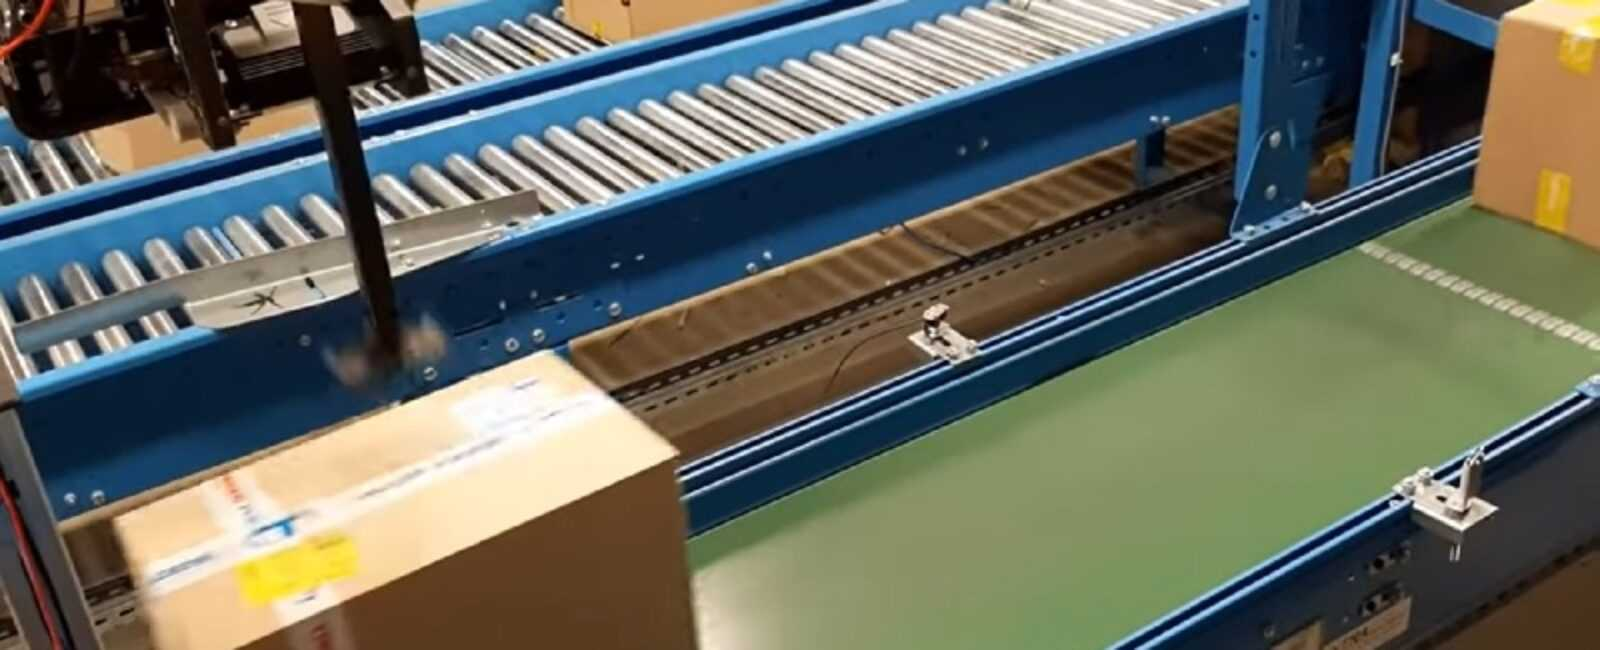 verpakkingsdozen labelen logistiek in food sector